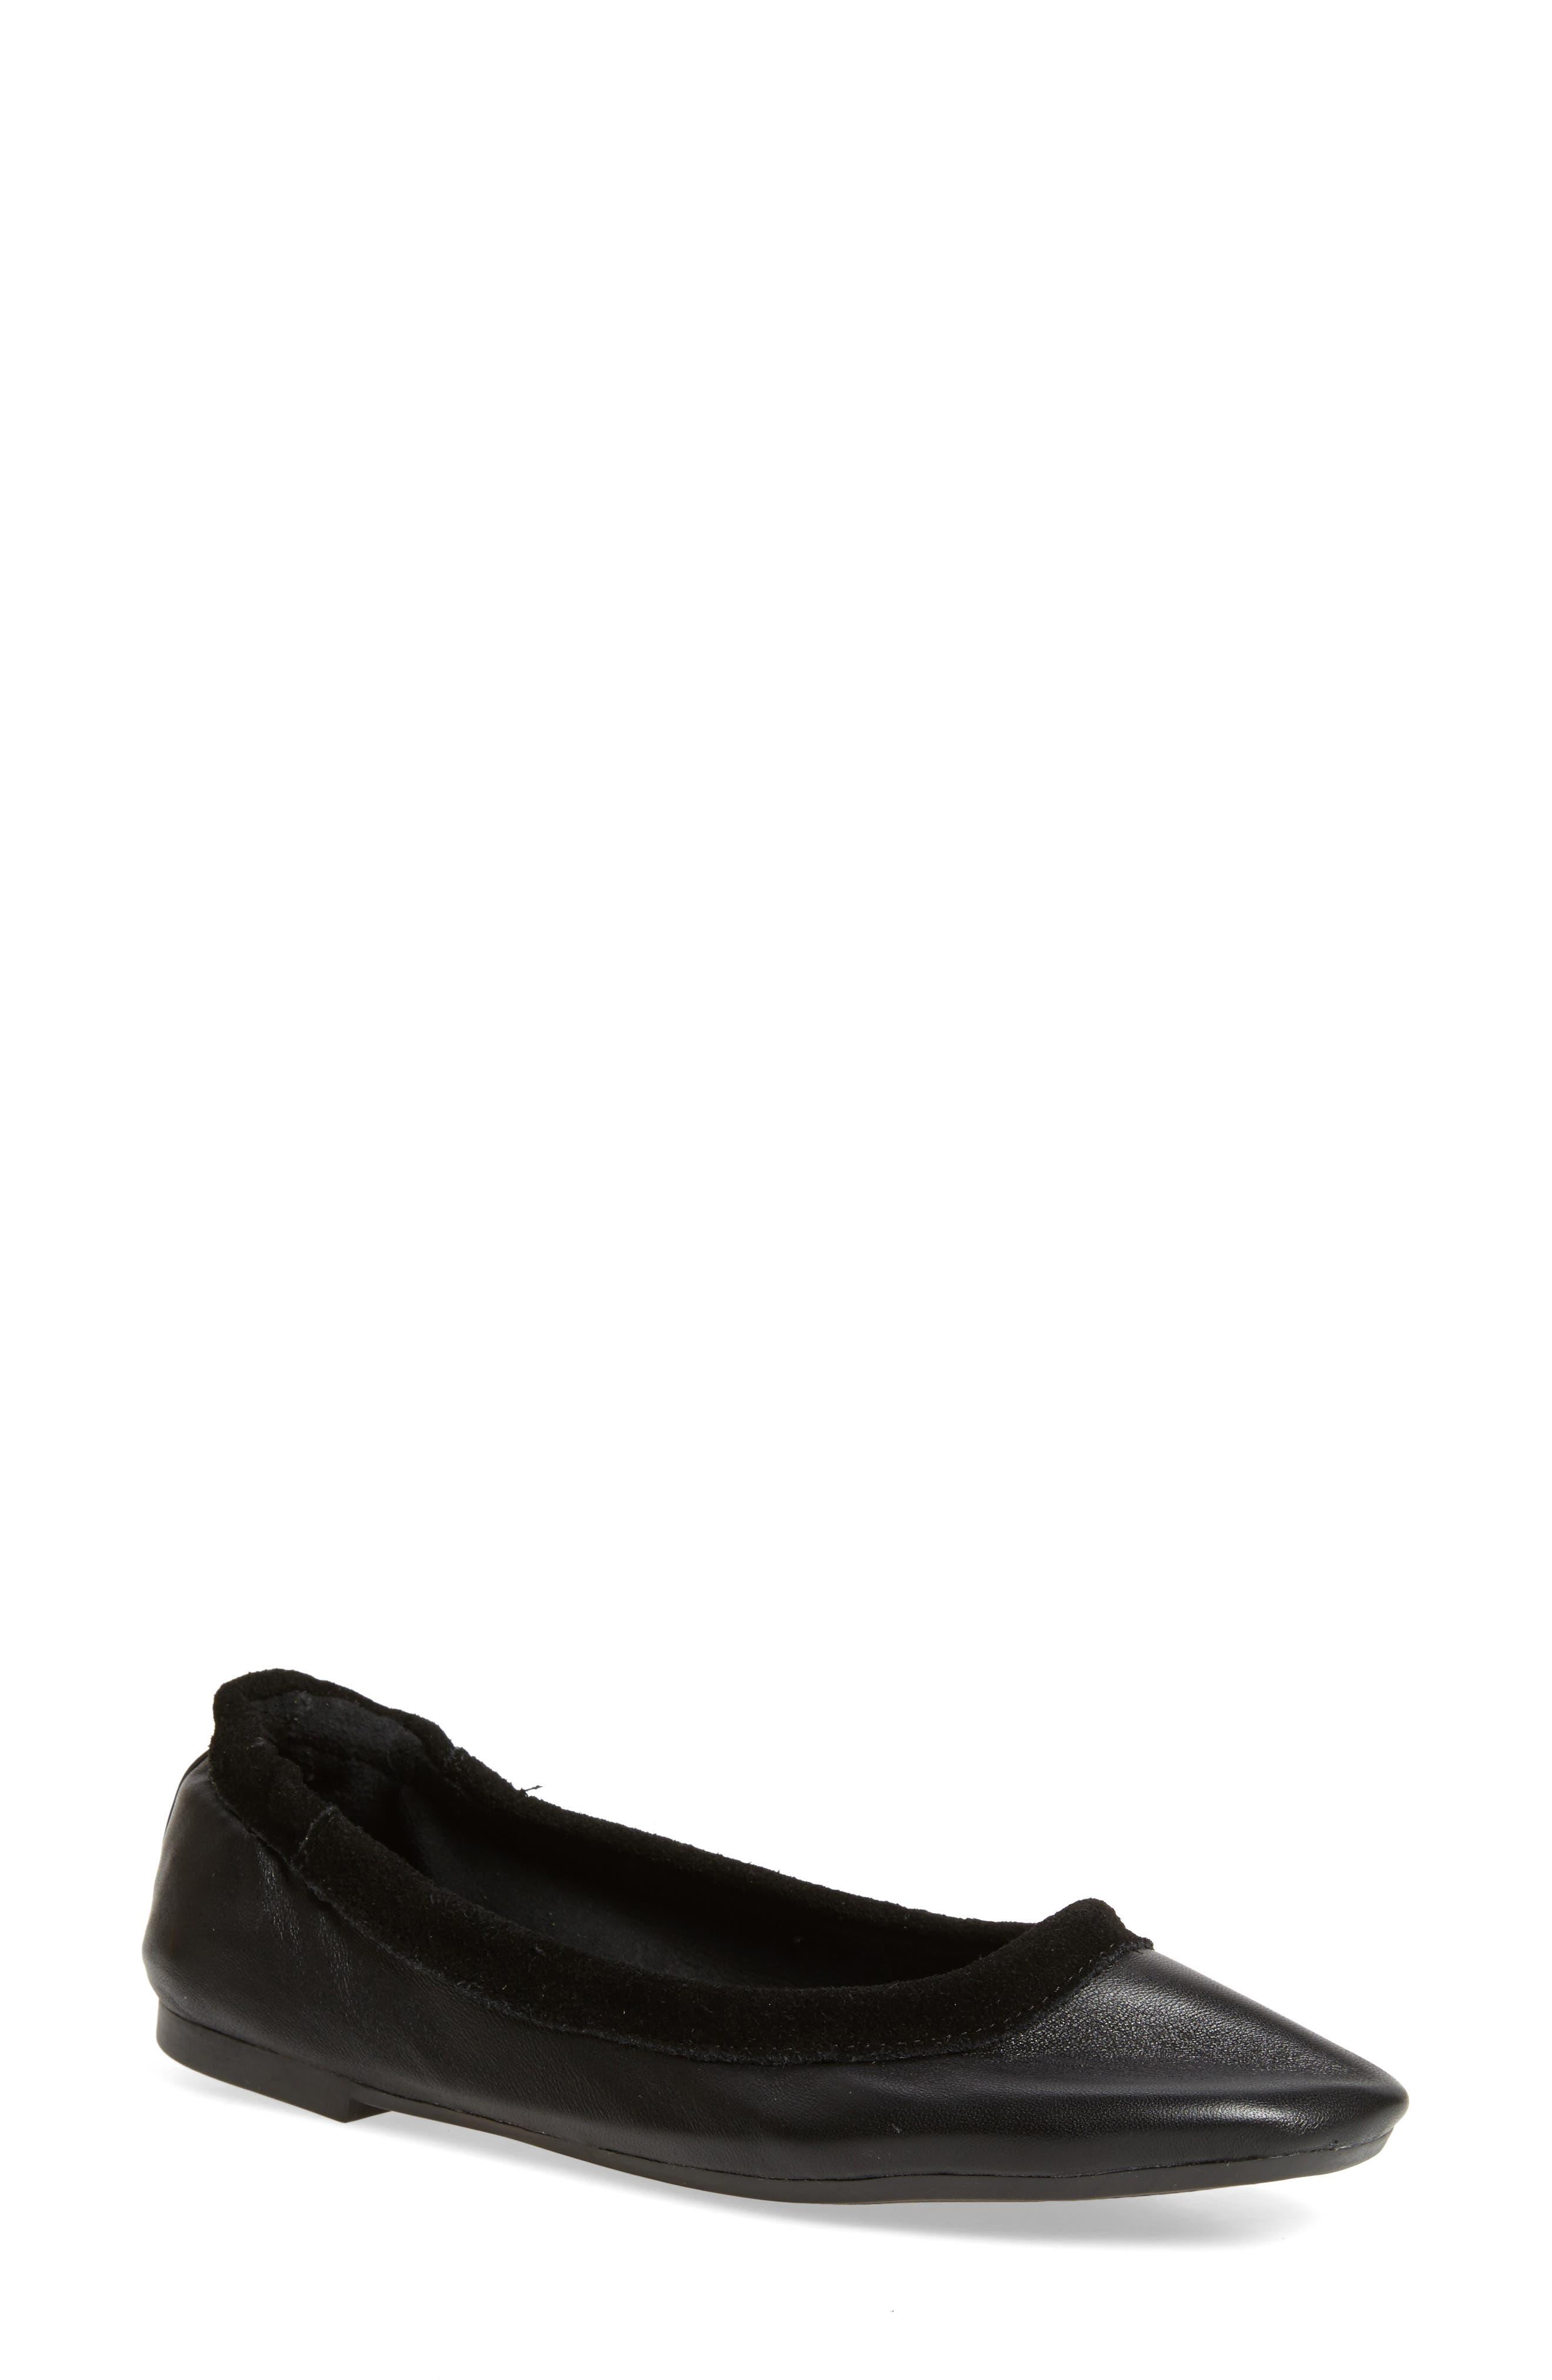 M4D3 Cozy Ballet Flat,                         Main,                         color, Black Leather